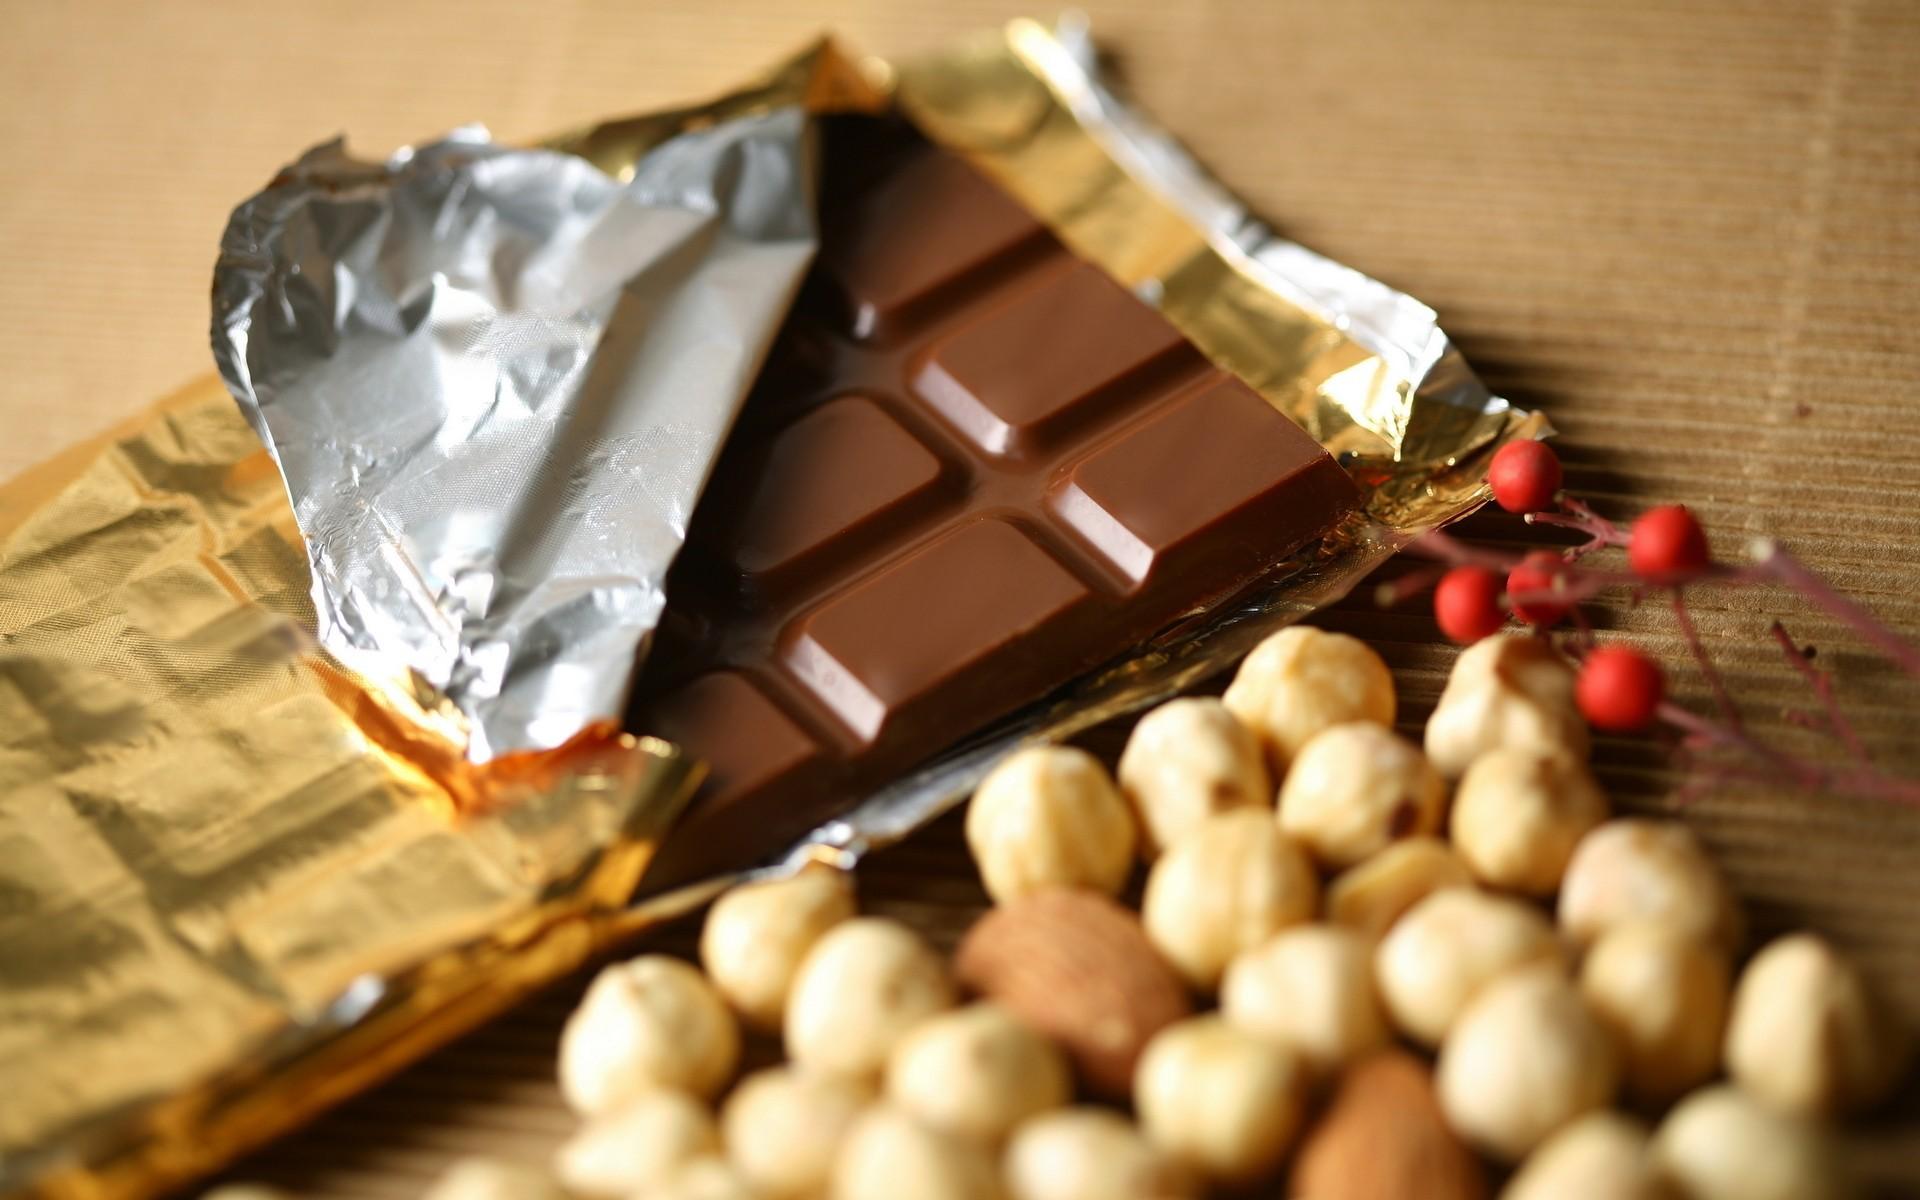 картинки шоколадки с орешками боя российские